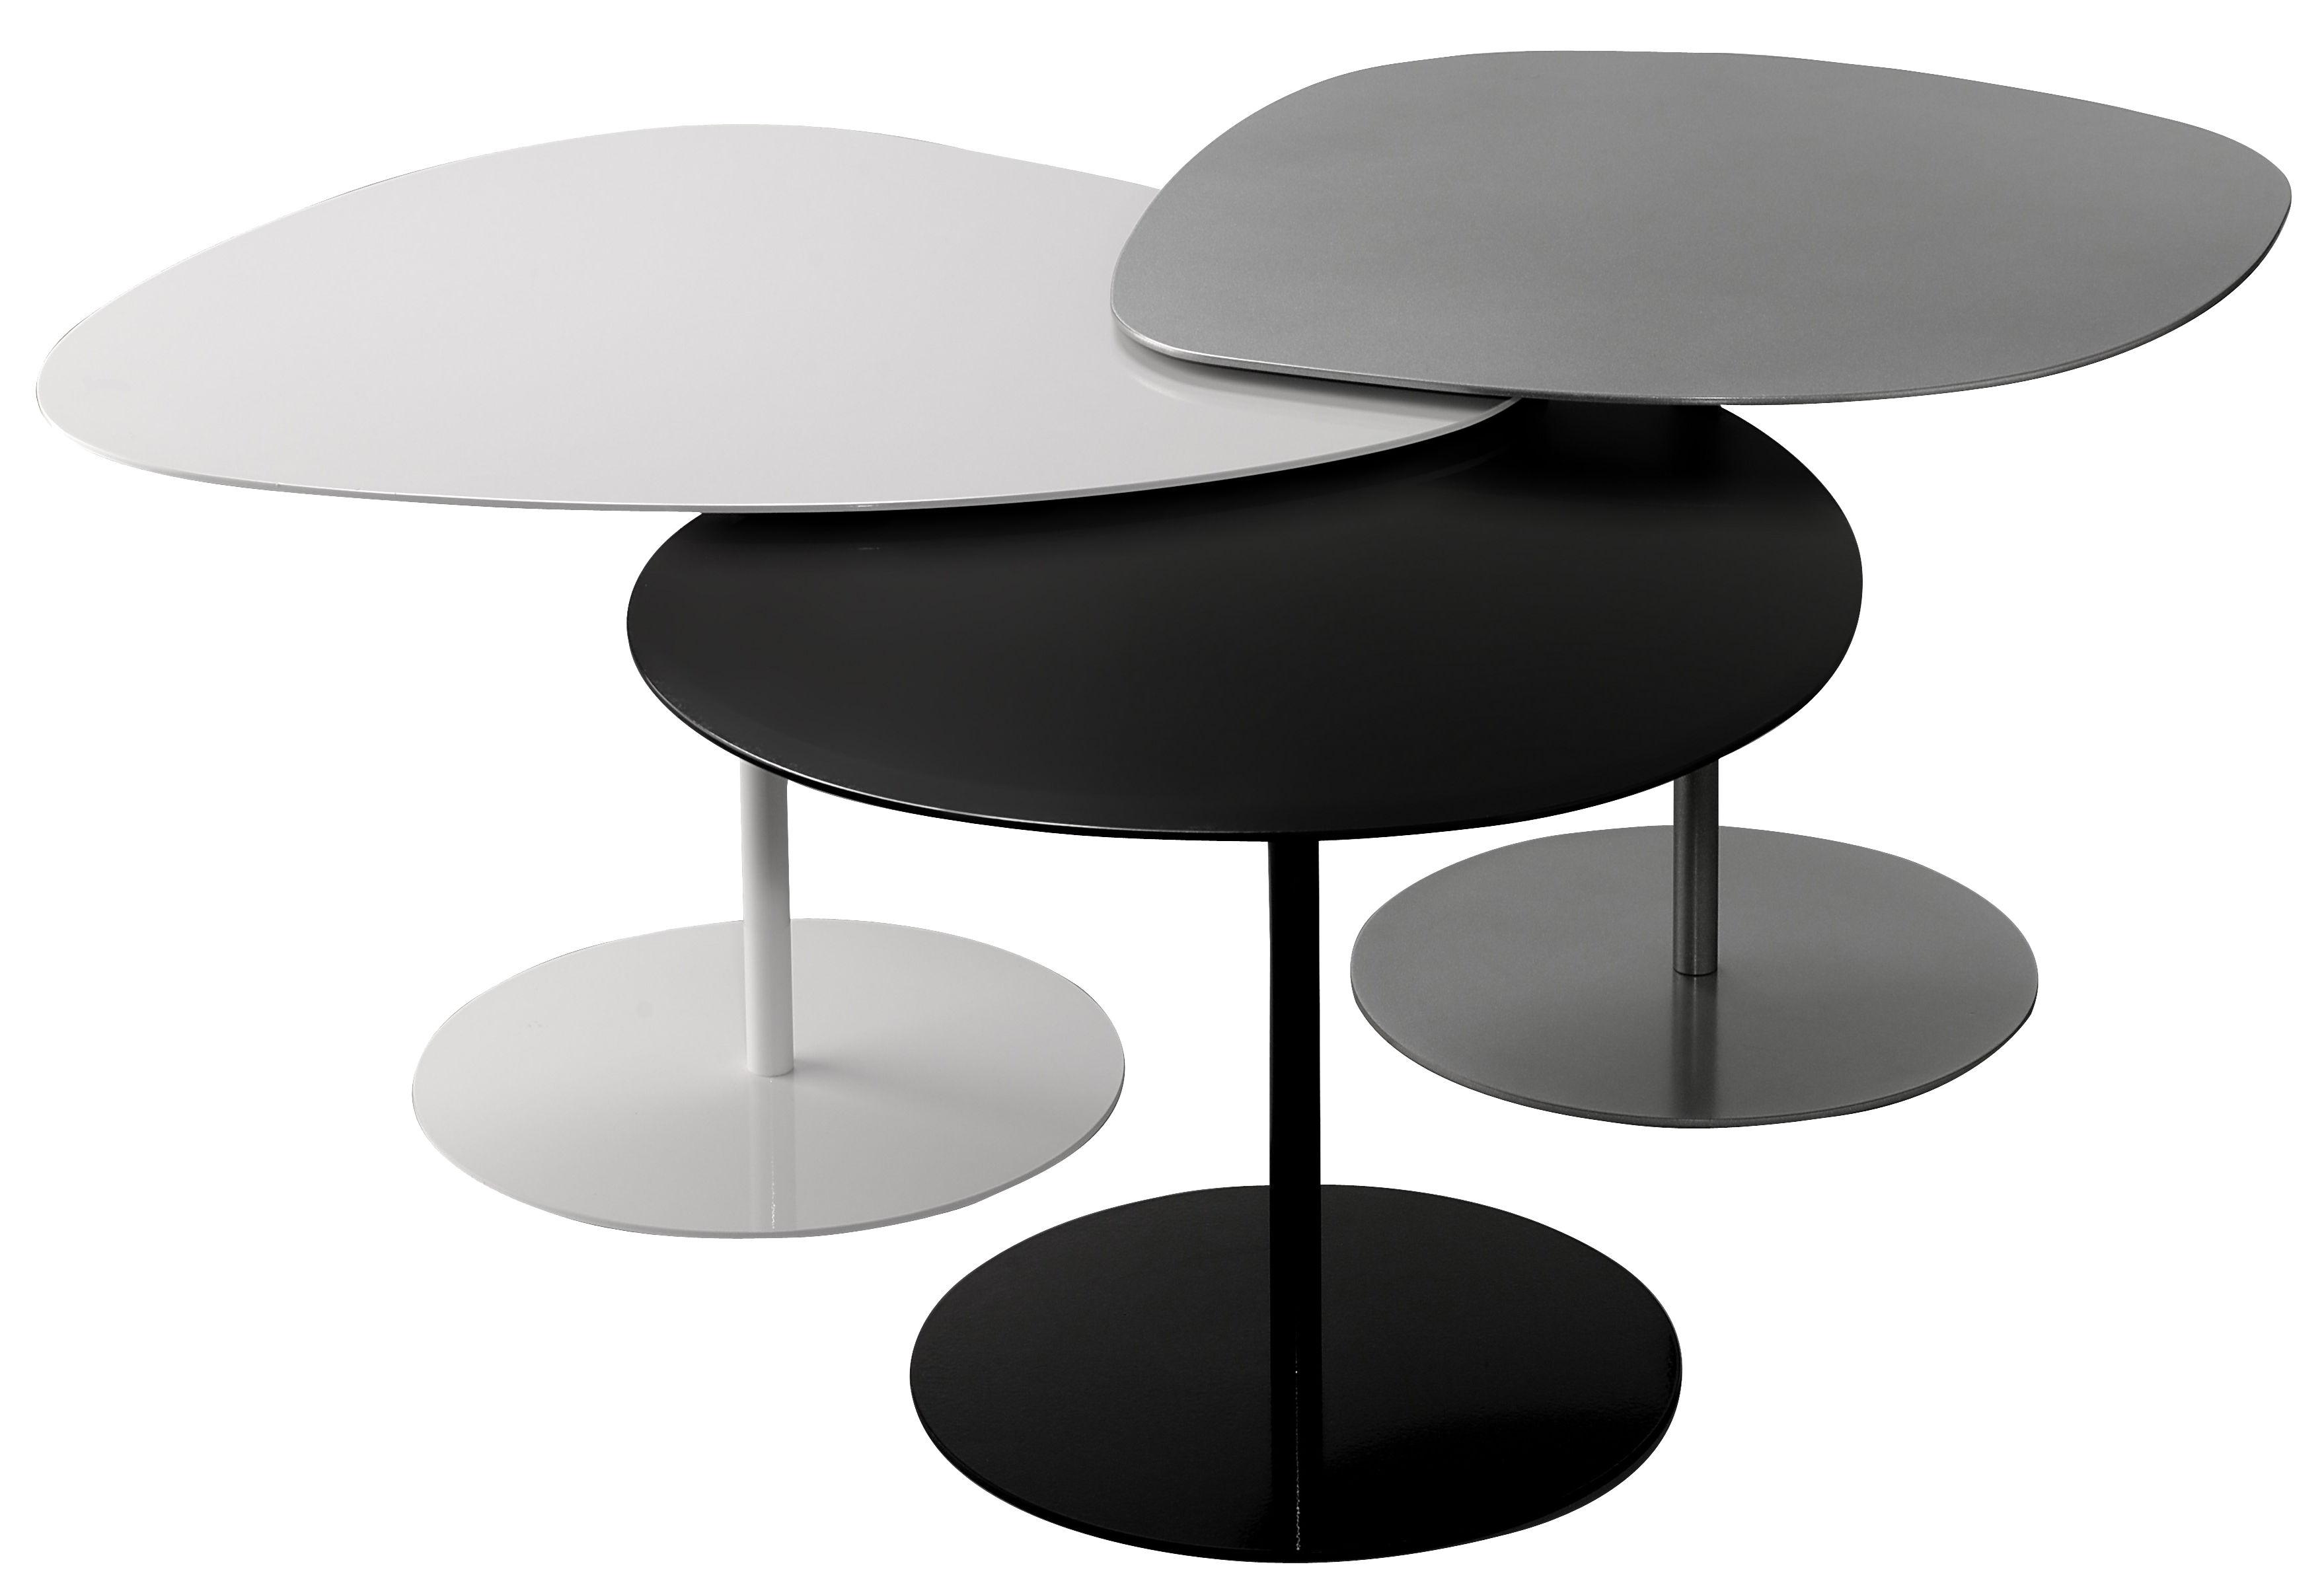 Möbel - Couchtische - Galet INDOOR Satz-Tische / Set aus 3 Satz-Tischen - Matière Grise - Schwarz, weiß und grau - Stahl